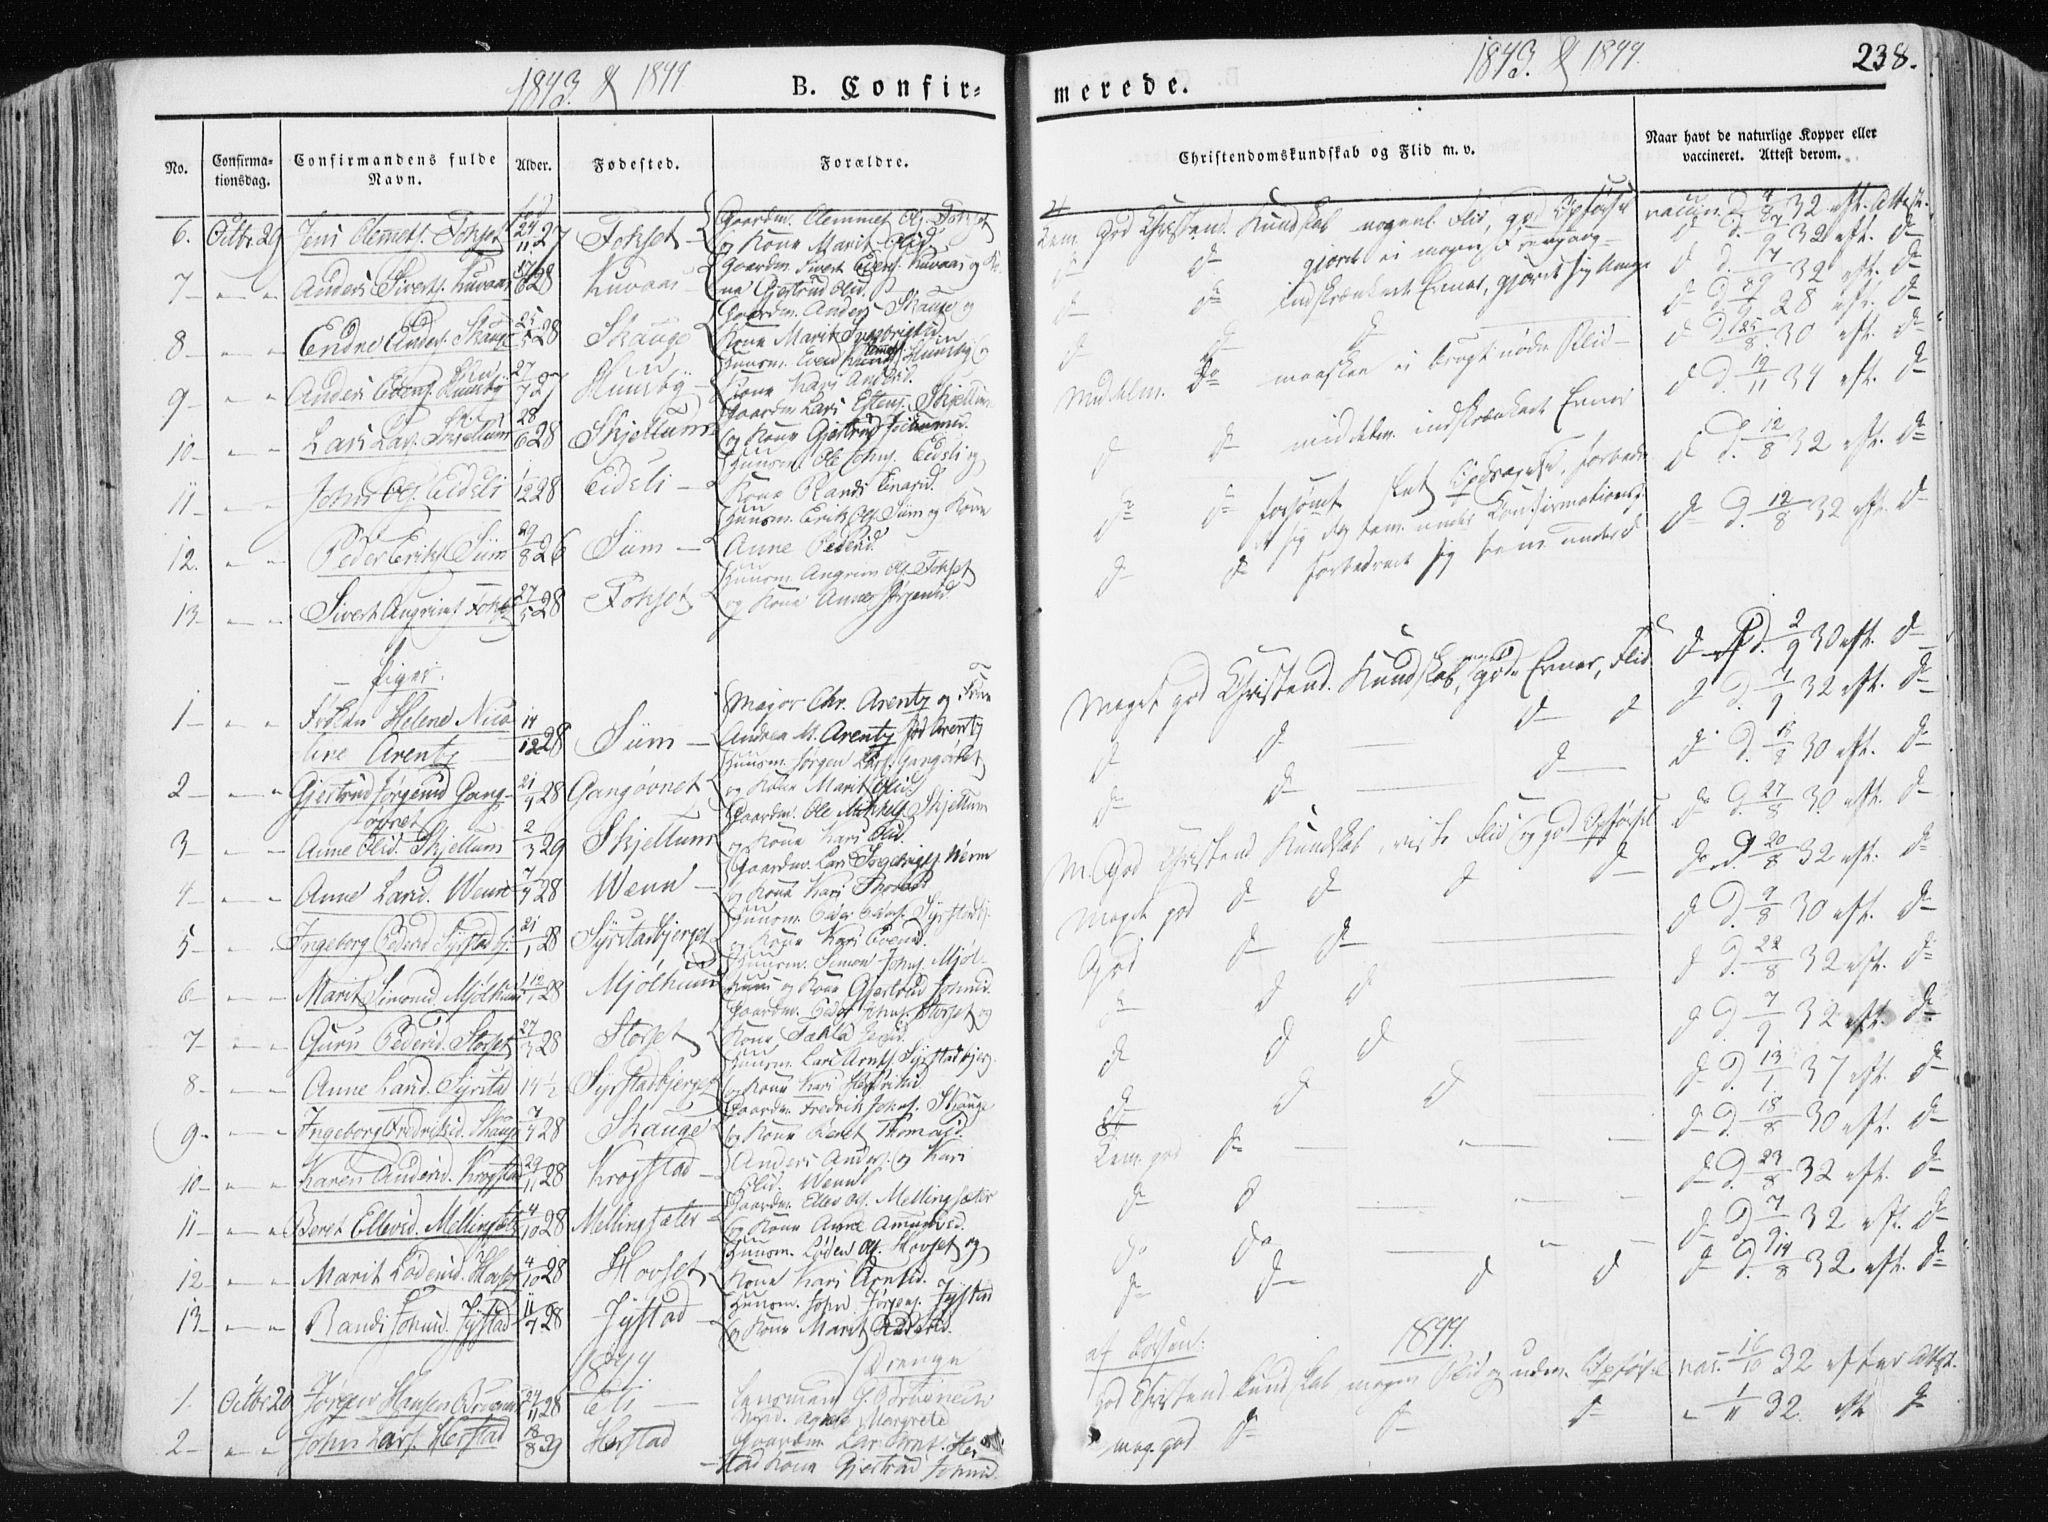 SAT, Ministerialprotokoller, klokkerbøker og fødselsregistre - Sør-Trøndelag, 665/L0771: Ministerialbok nr. 665A06, 1830-1856, s. 238